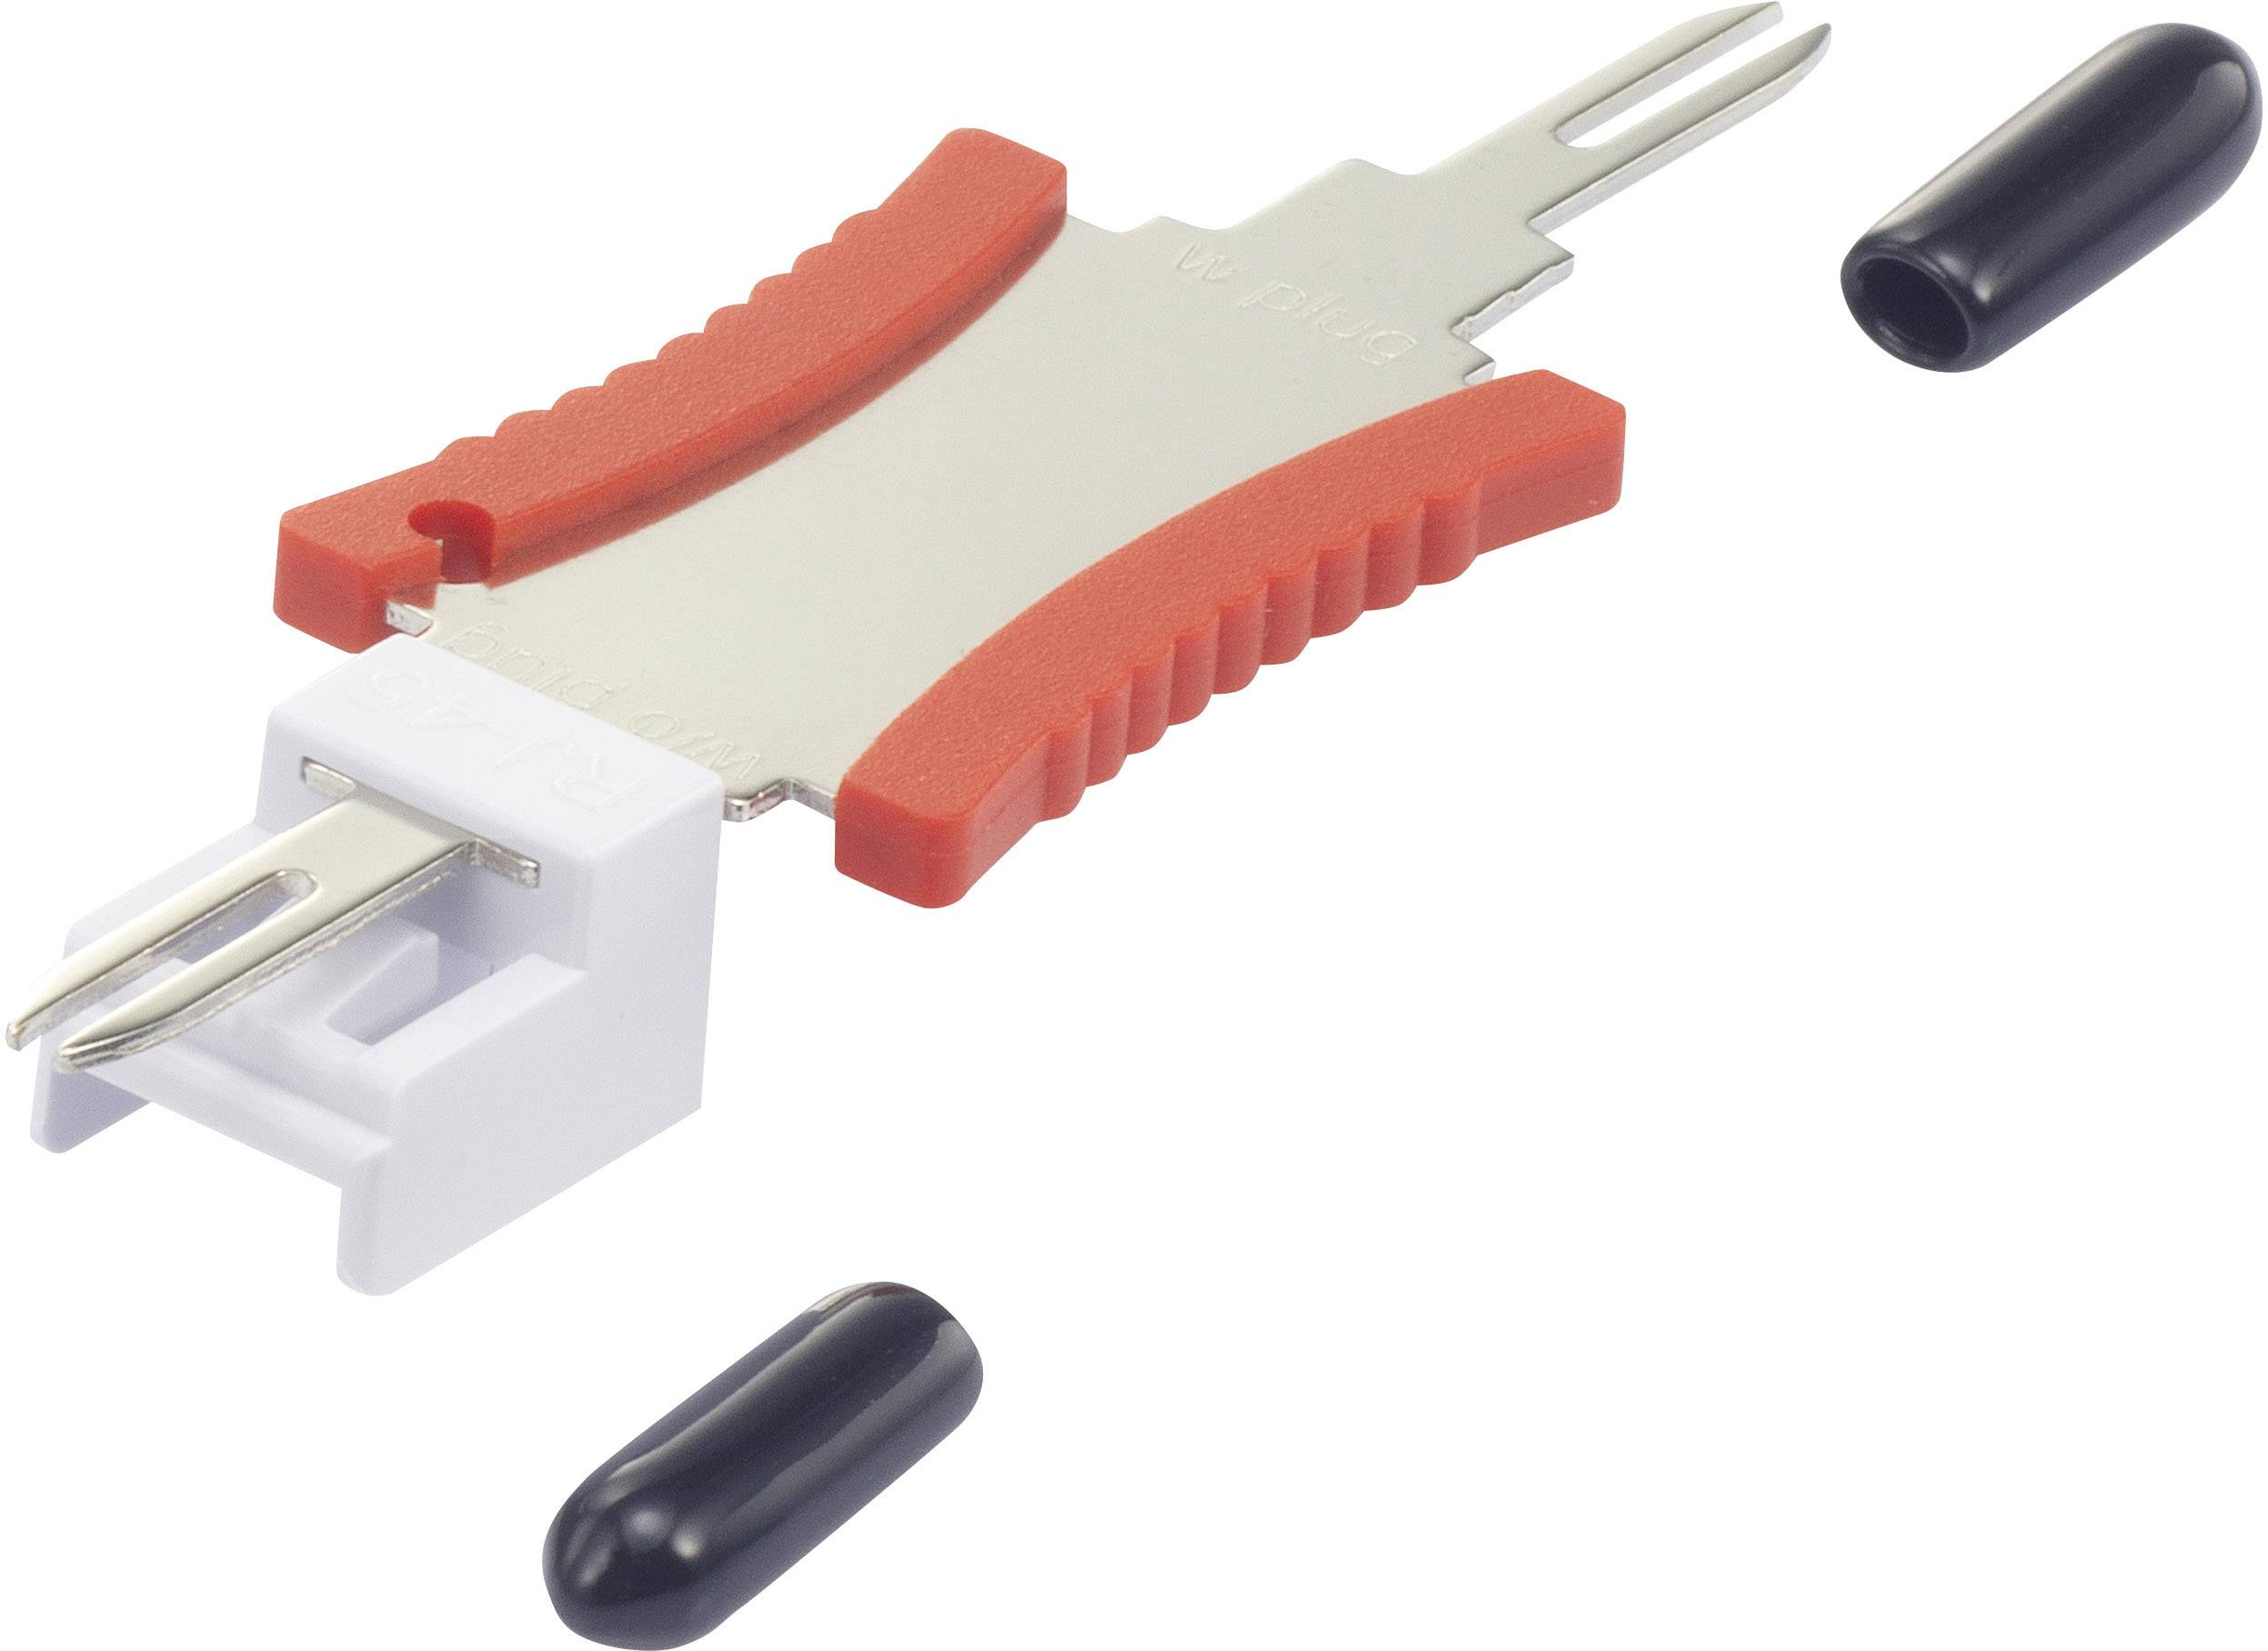 Uvolňovací nástroj na odblokovanie a zablokovanie sieťových káblov Renkforce RF-4311477